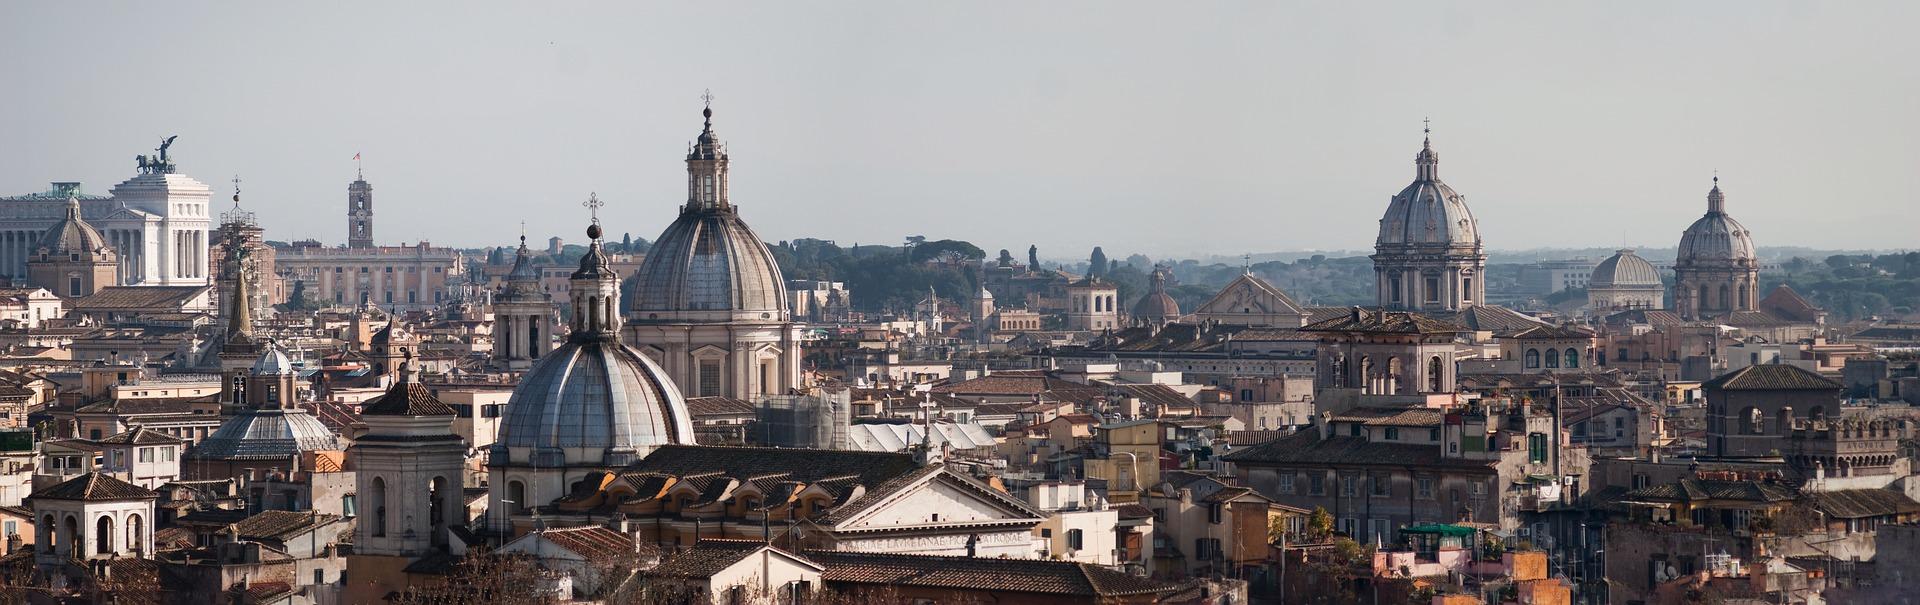 Vista da capital italiana com suas famosas cúpulas e arquitetura secular